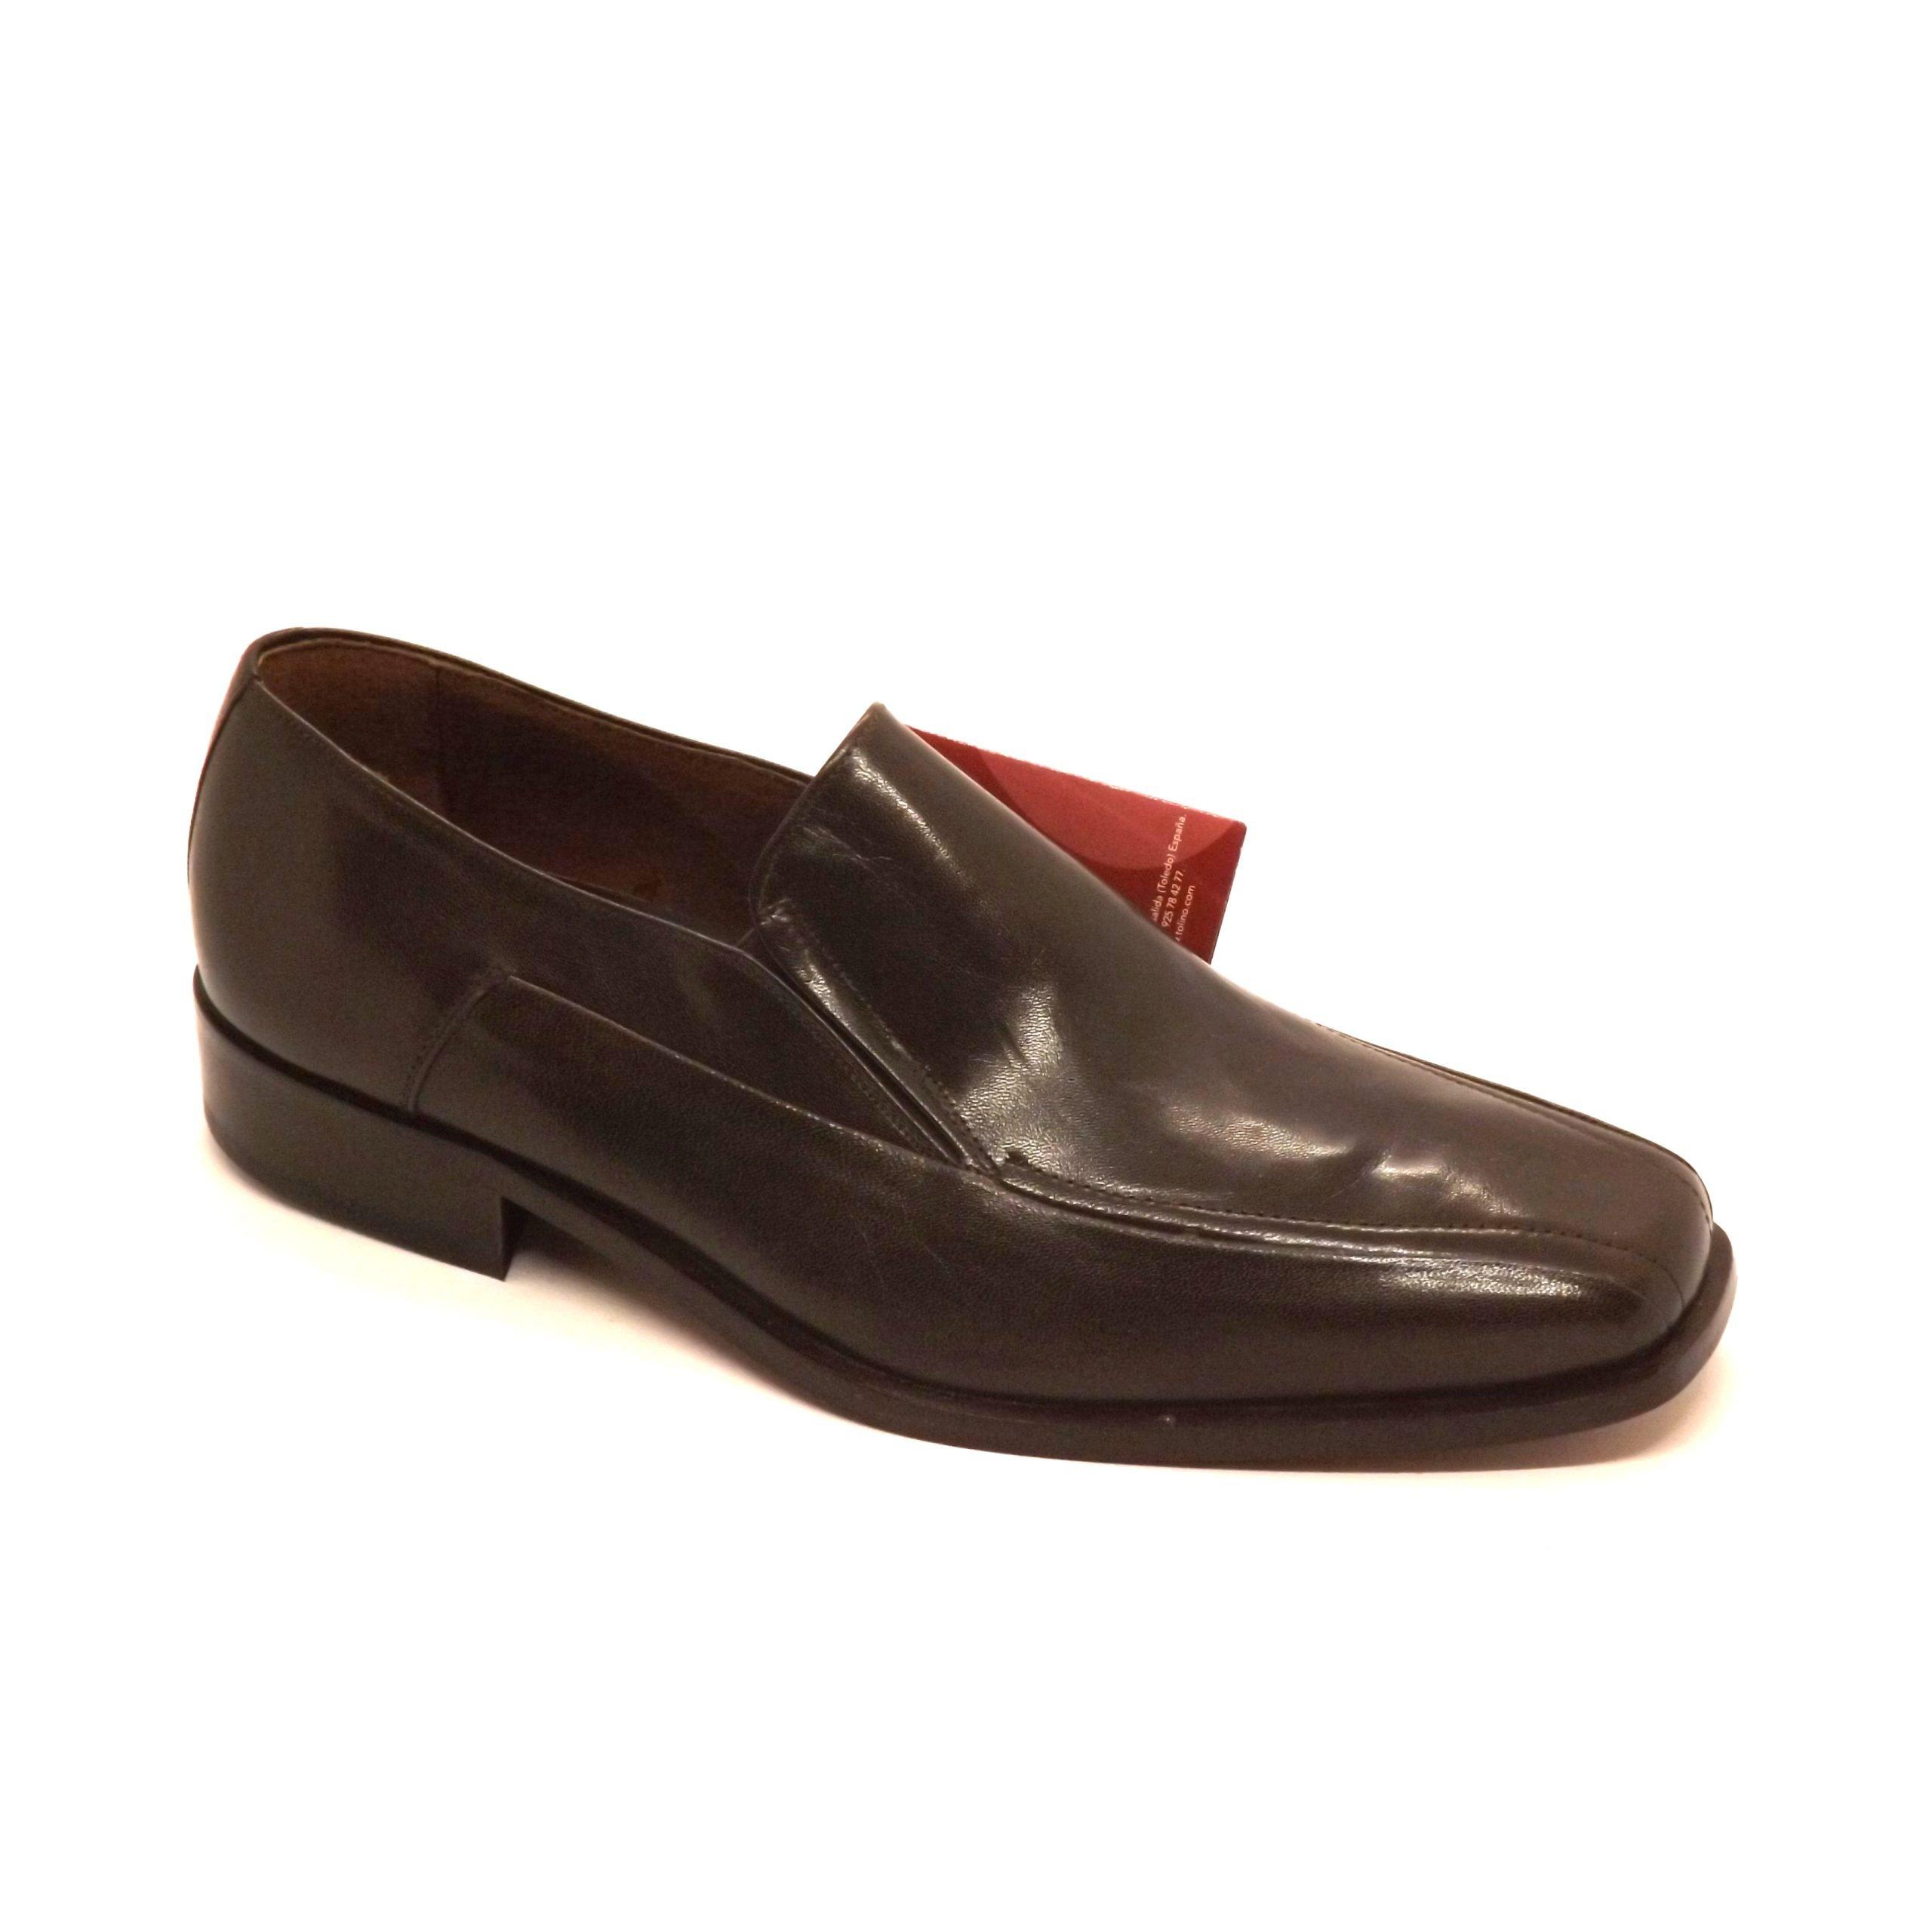 Zapato K7 Tolino Chocolate